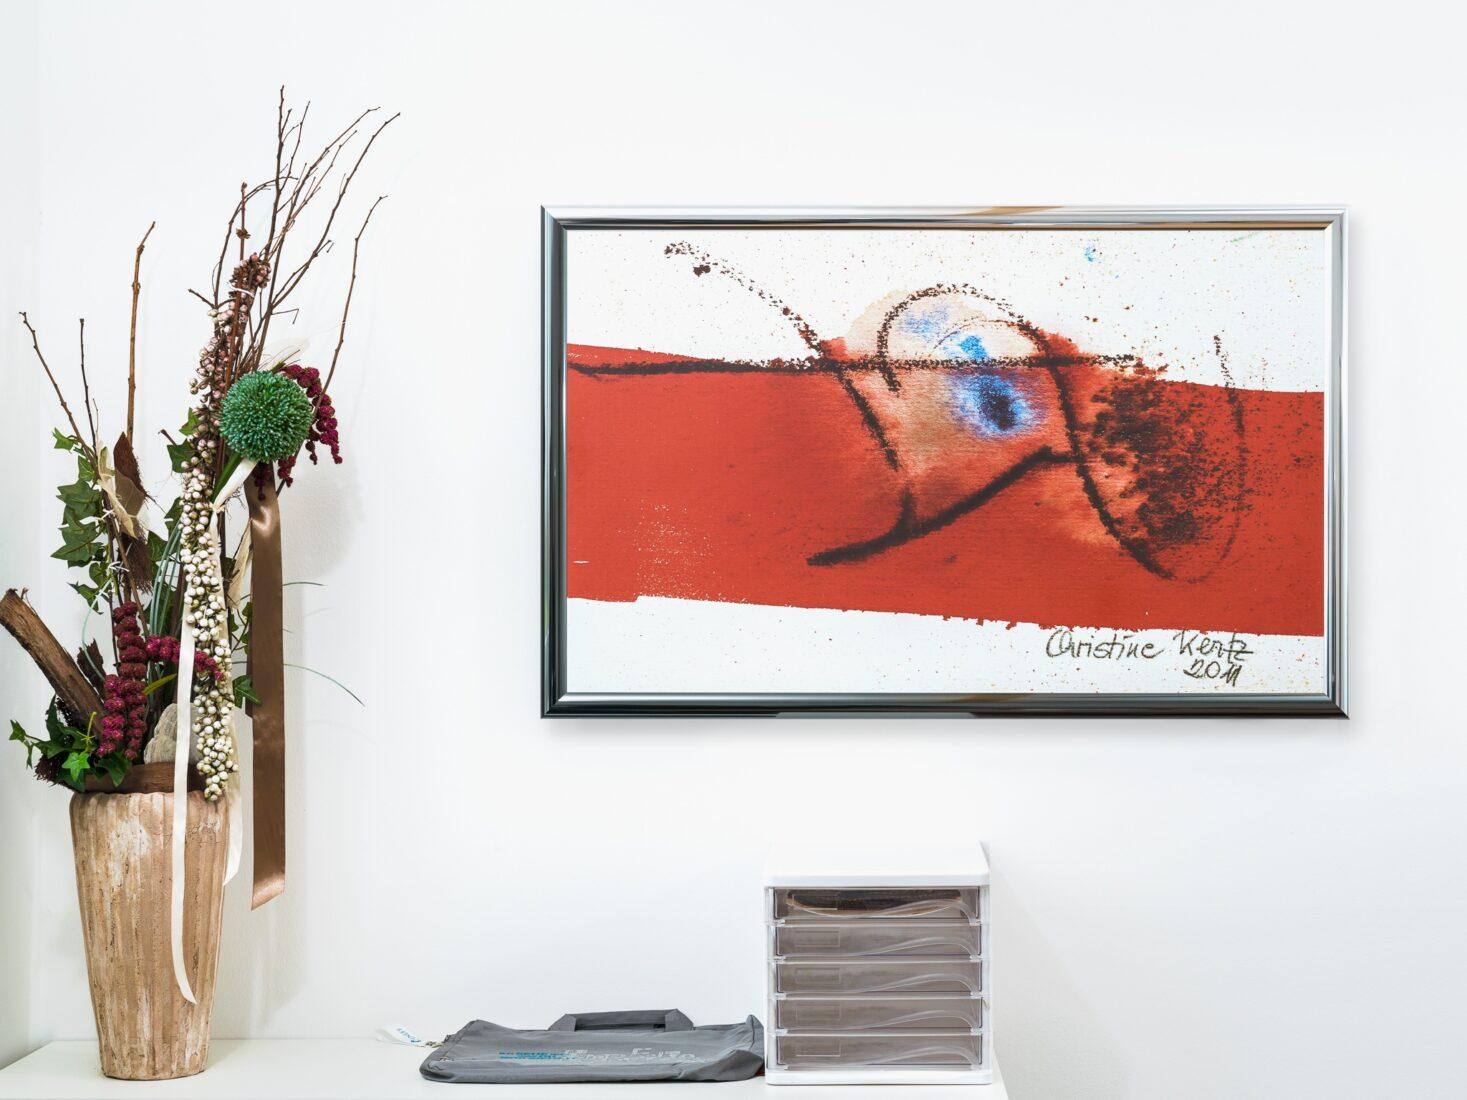 """Doppelnutzen: Es gibt sogar Heizelemente, die als Kunstwerk """"getarnt"""" daherkommen. Foto: www.easy-therm.com"""